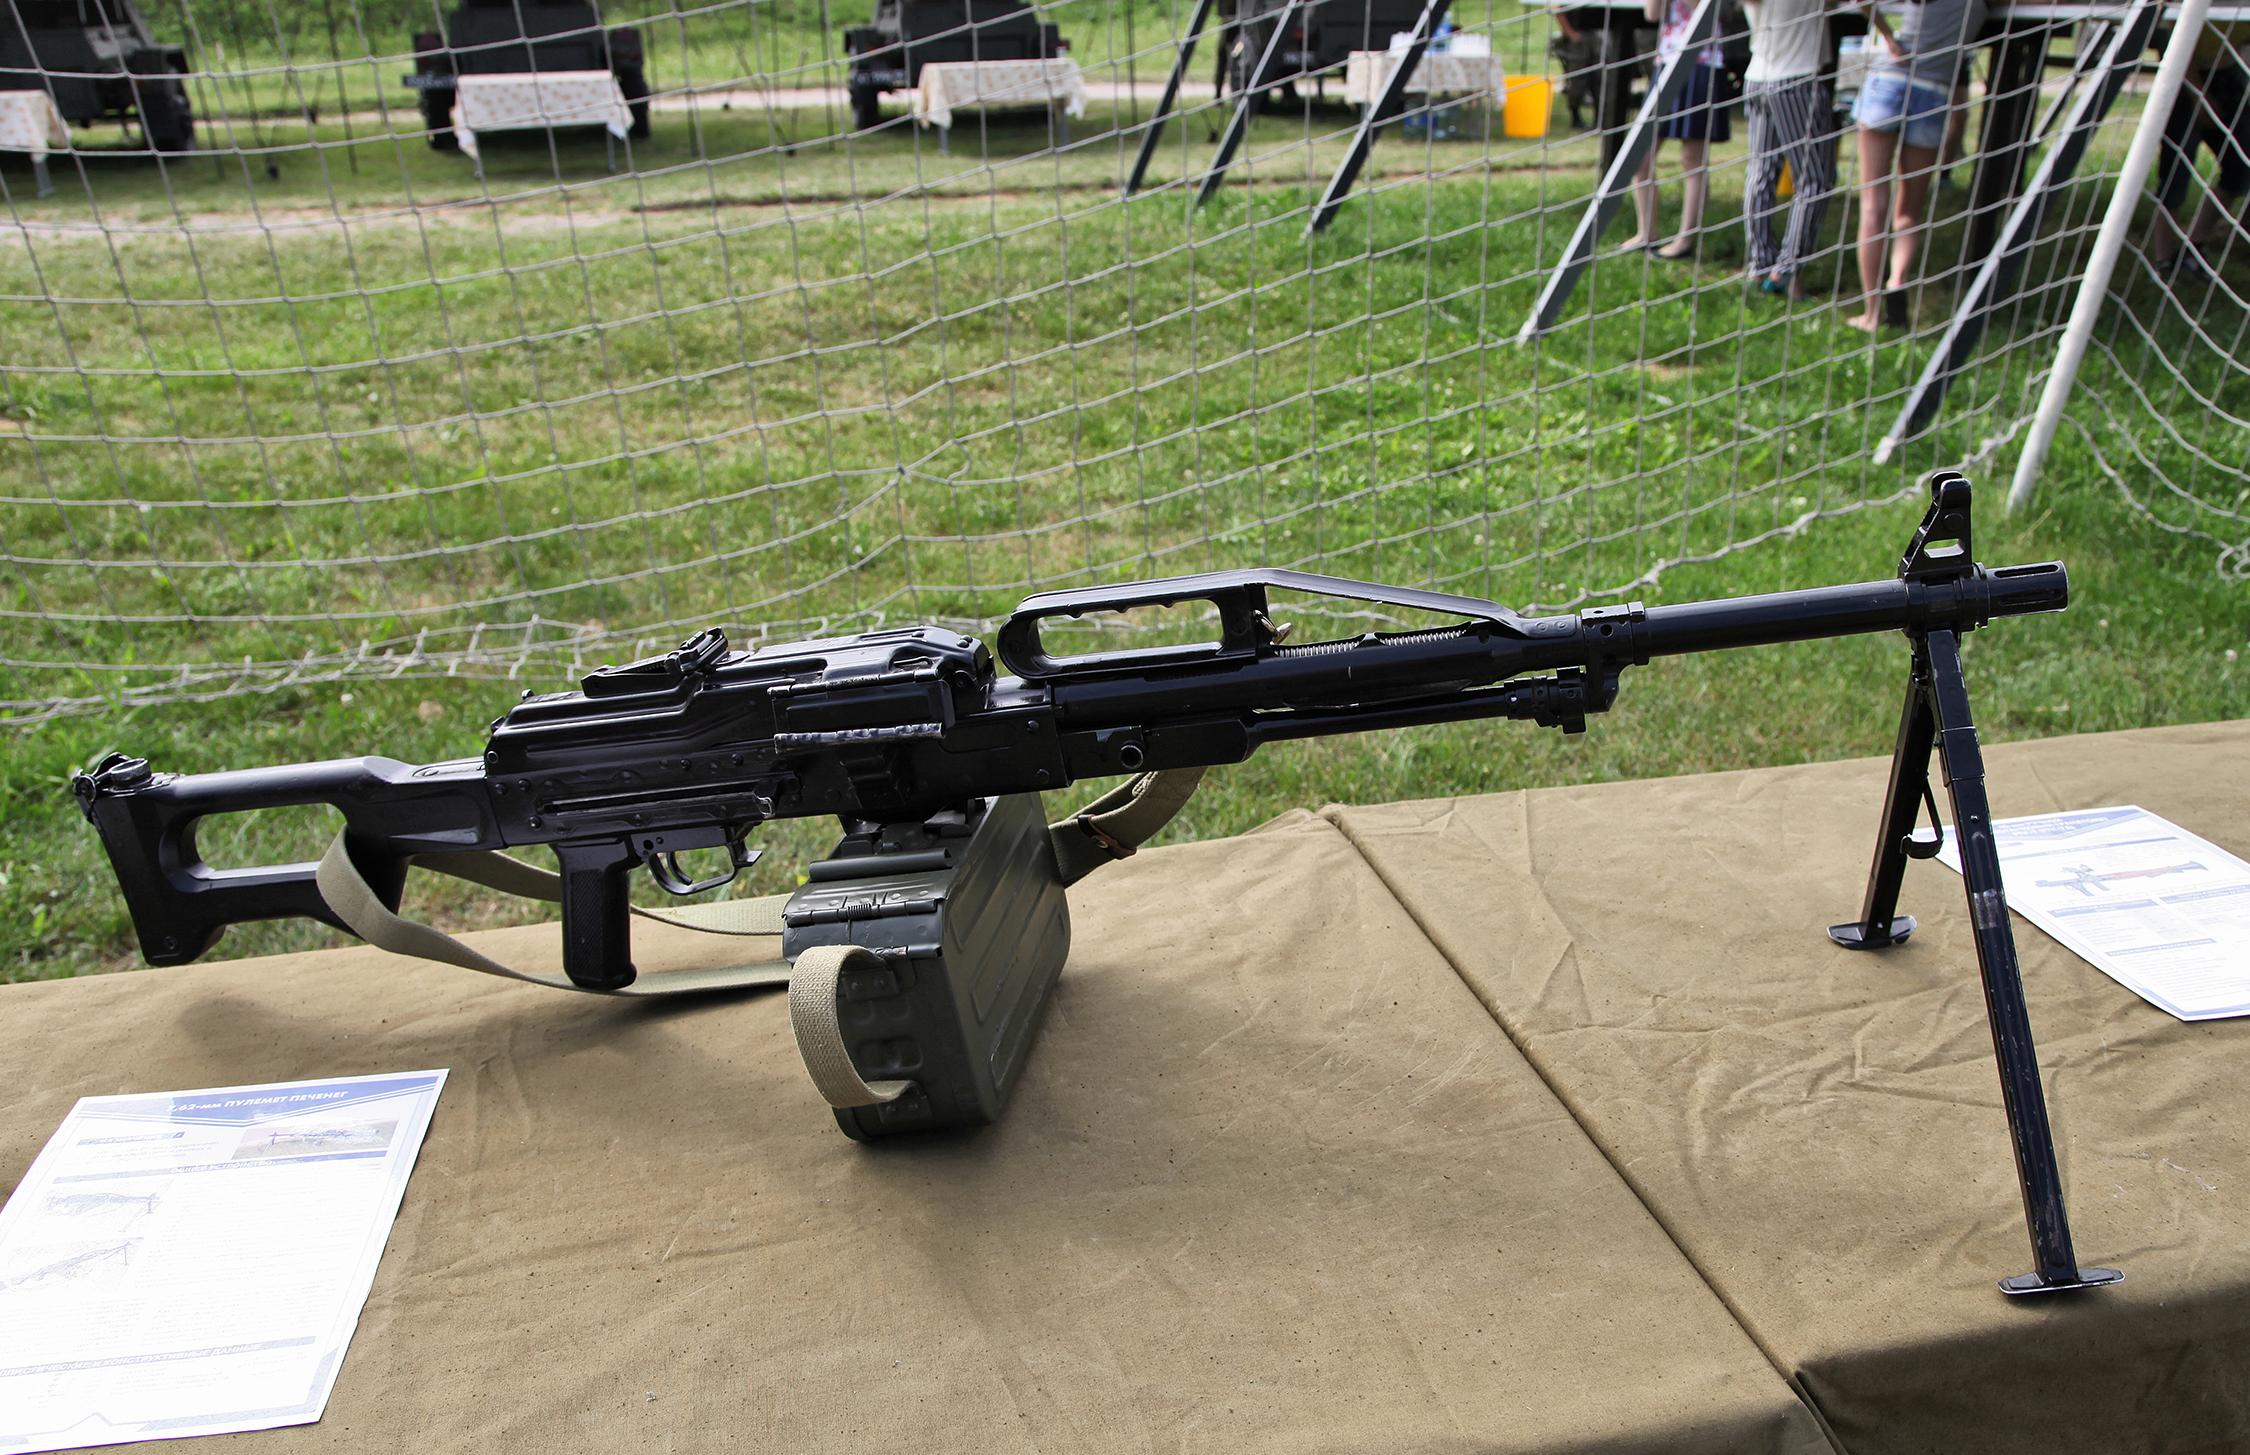 Пкп печенег - российский пулемет калибр 762-мм